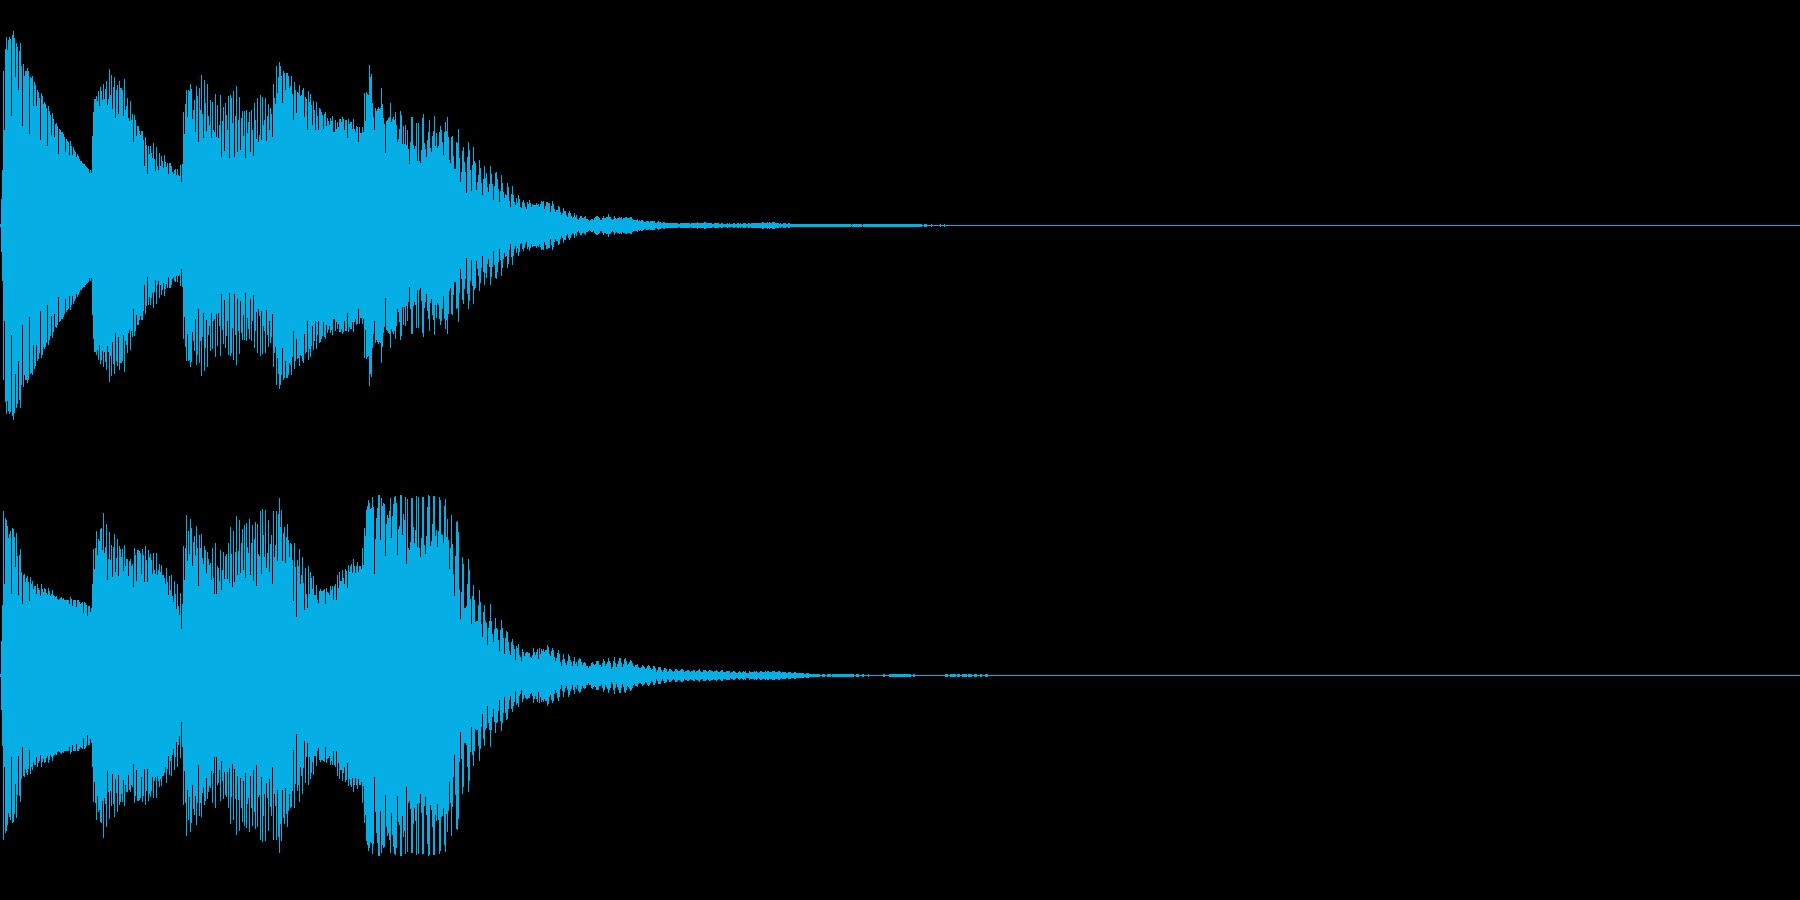 ゲームスタート音(シューティング)の再生済みの波形